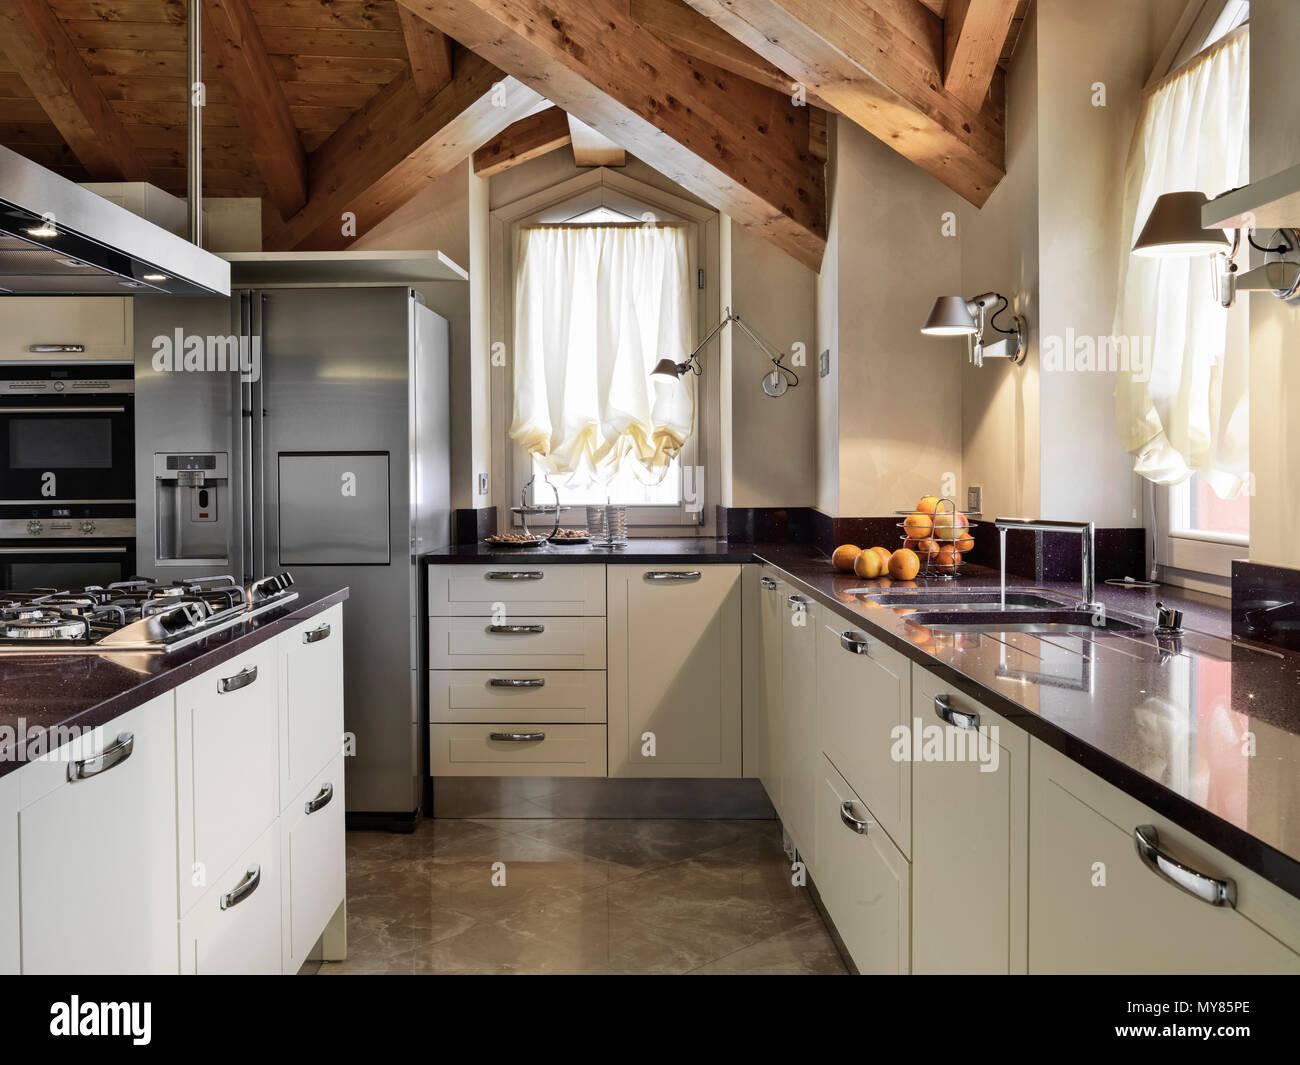 Cozinha Moderna Interior Na S T O Com Tecto De Madeira E Cozinha